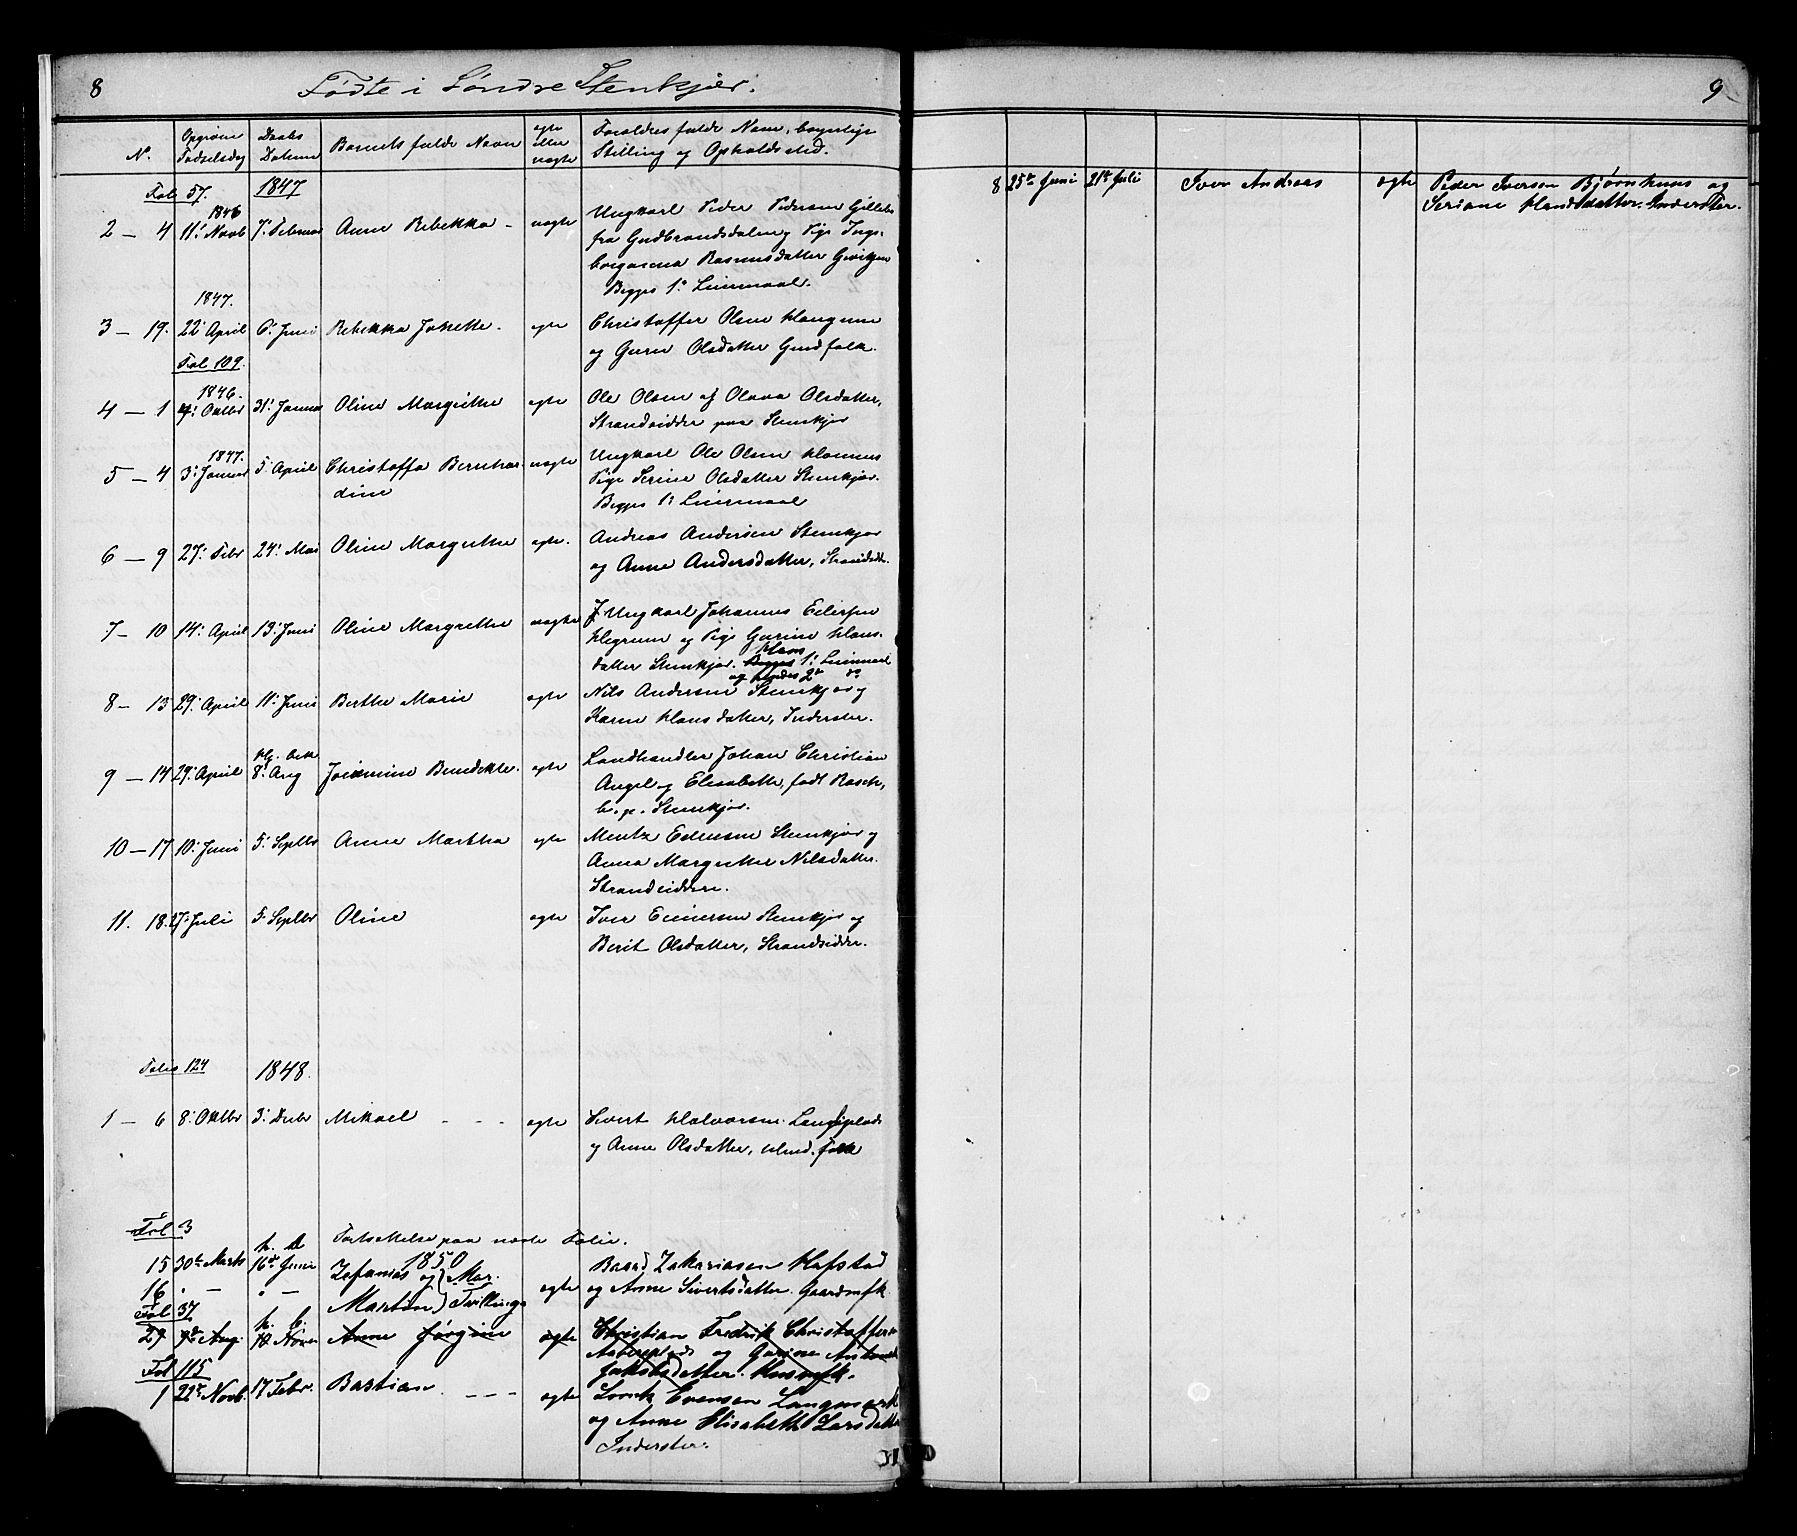 SAT, Ministerialprotokoller, klokkerbøker og fødselsregistre - Nord-Trøndelag, 739/L0367: Ministerialbok nr. 739A01 /1, 1838-1868, s. 8-9